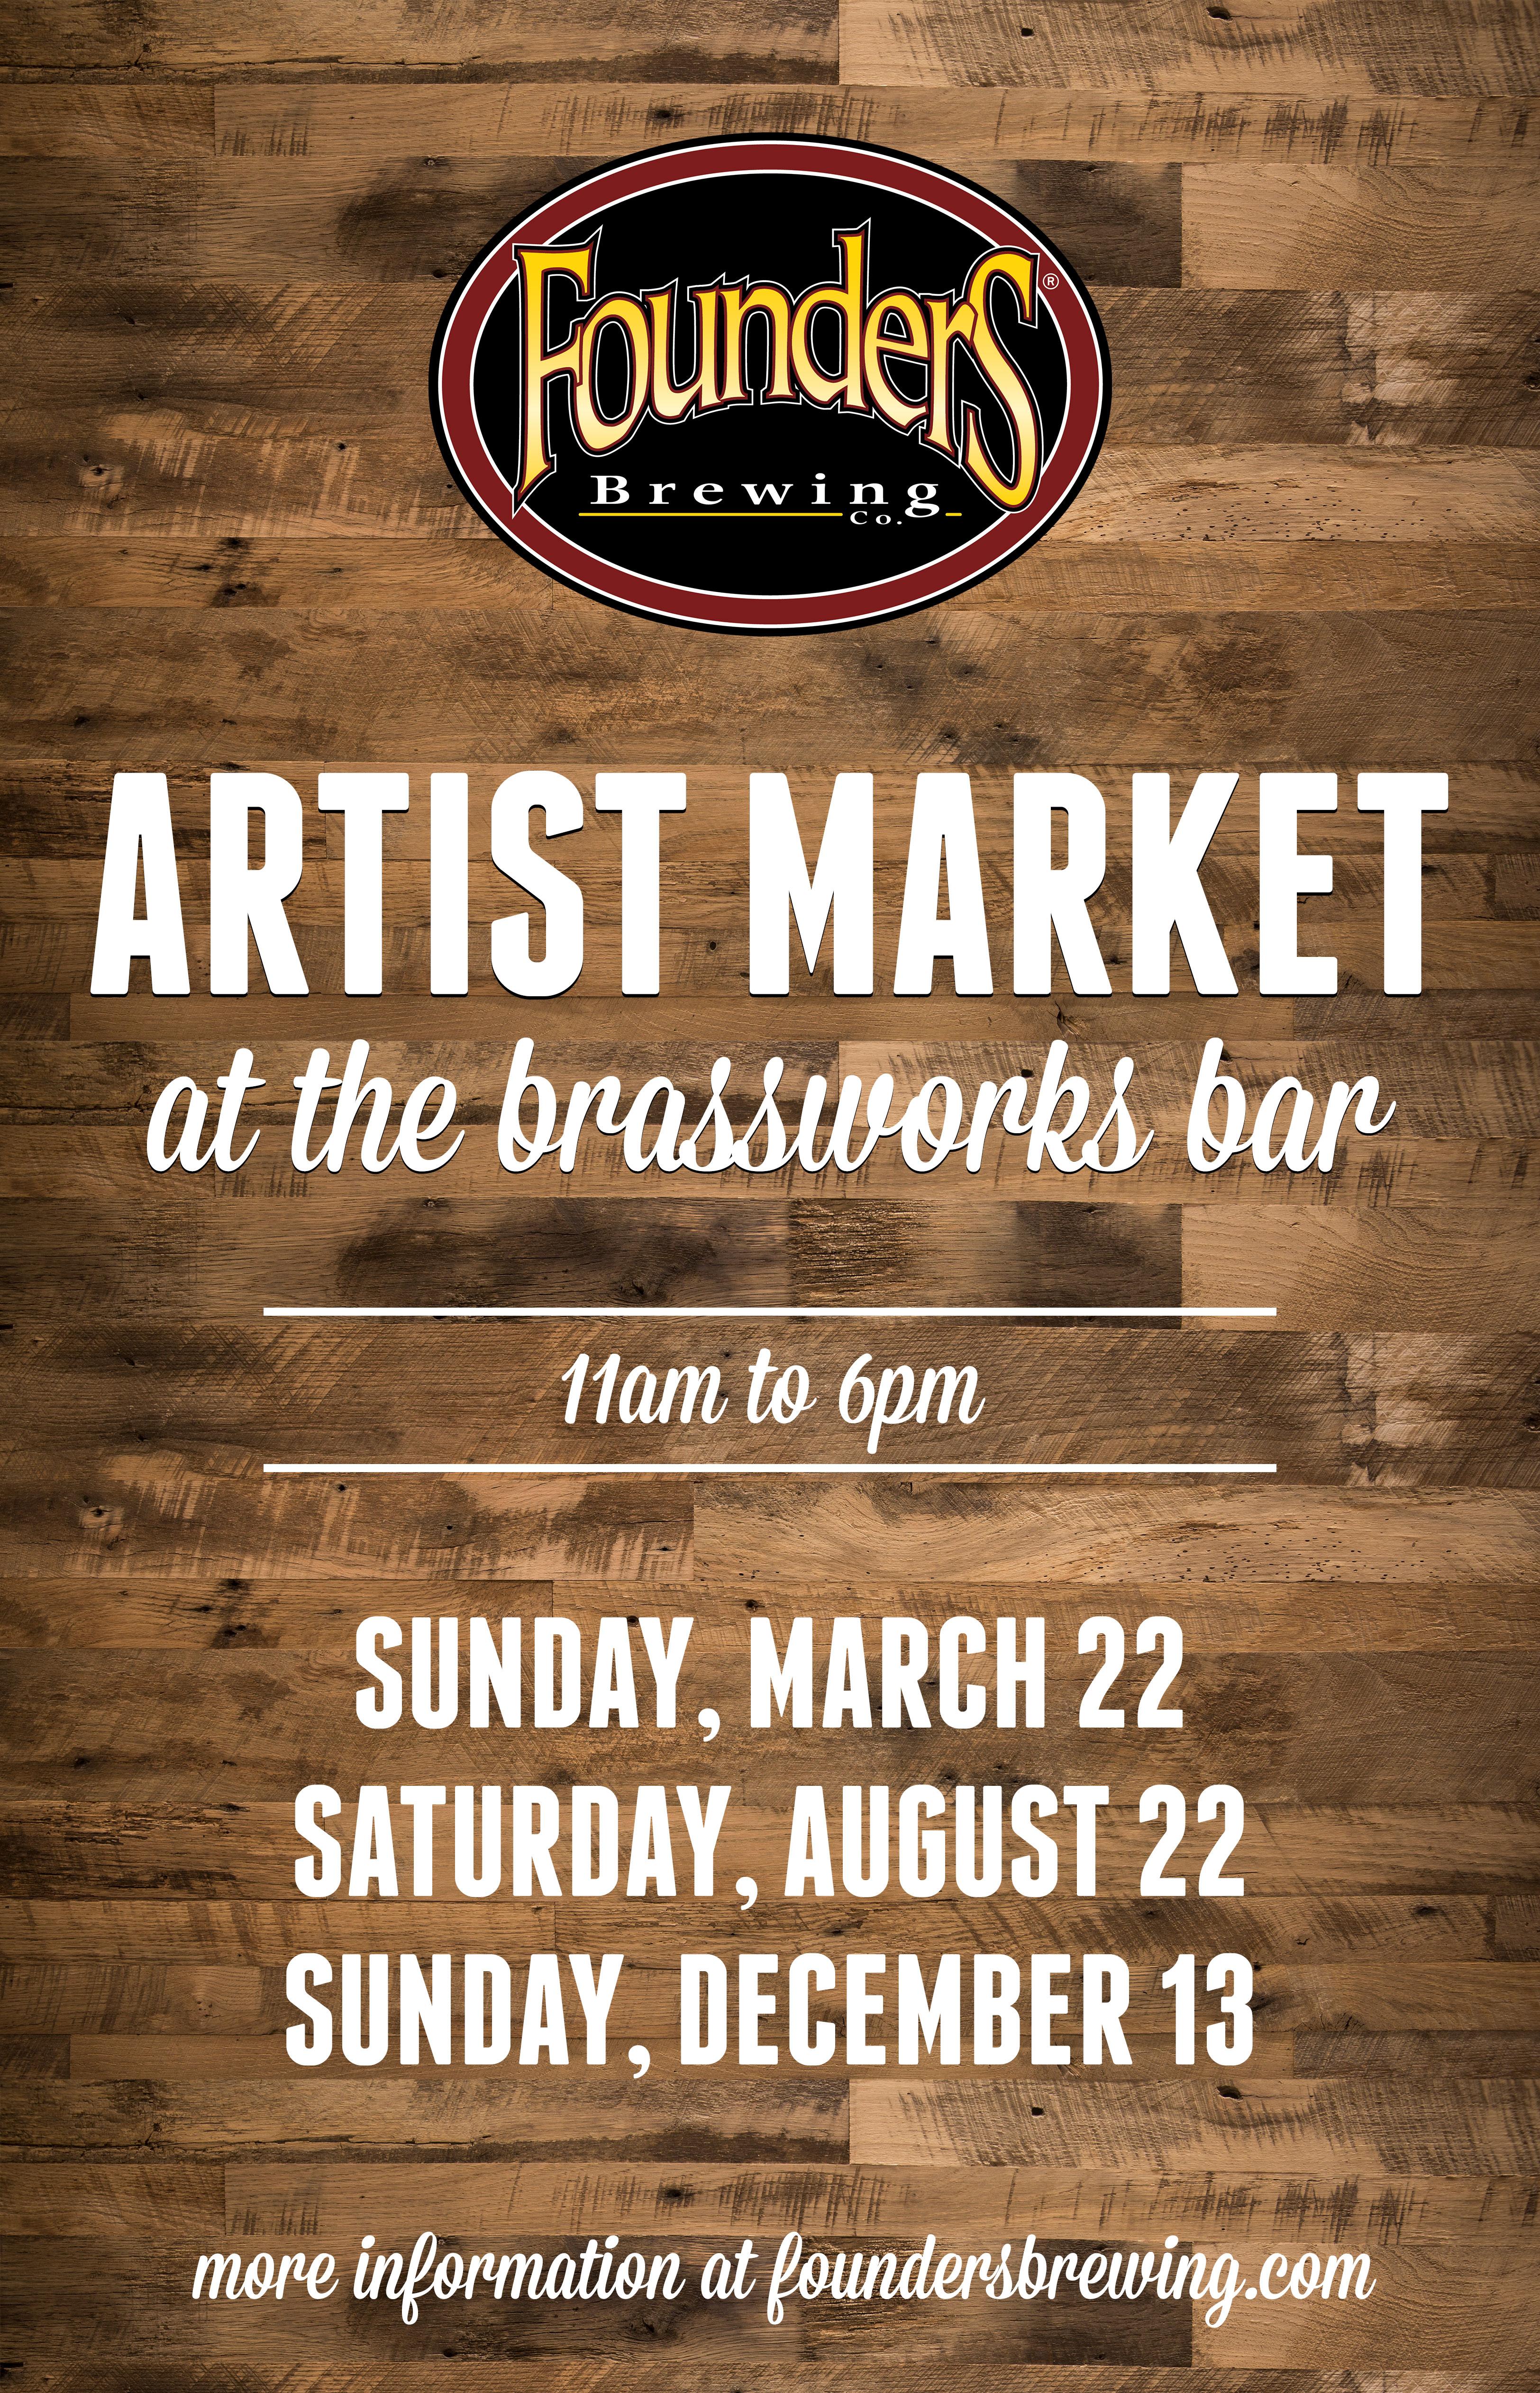 Artist Market at the Brassworks Bar event poster